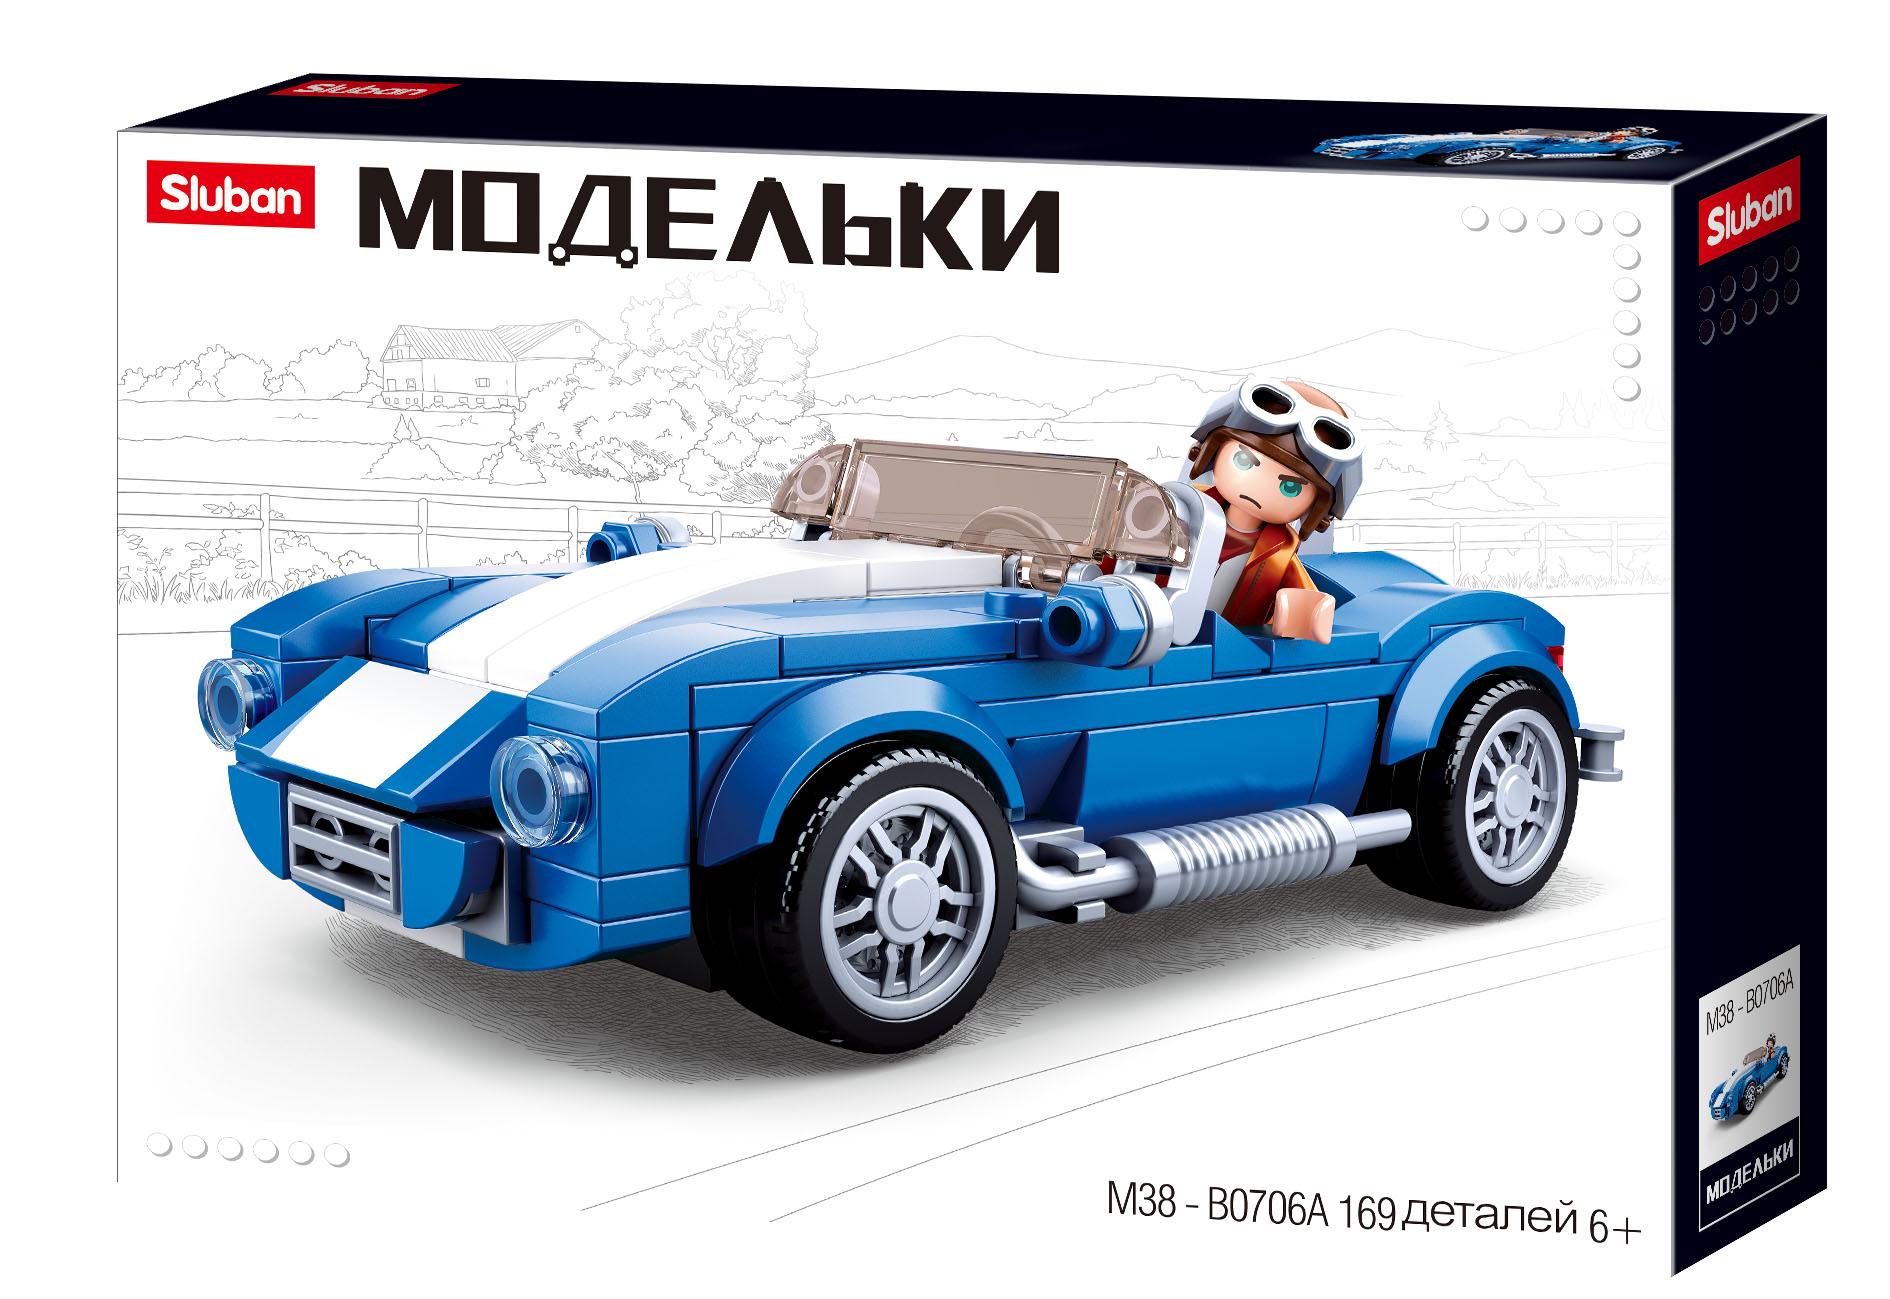 Конструктор Sluban Модельки, 169 деталей